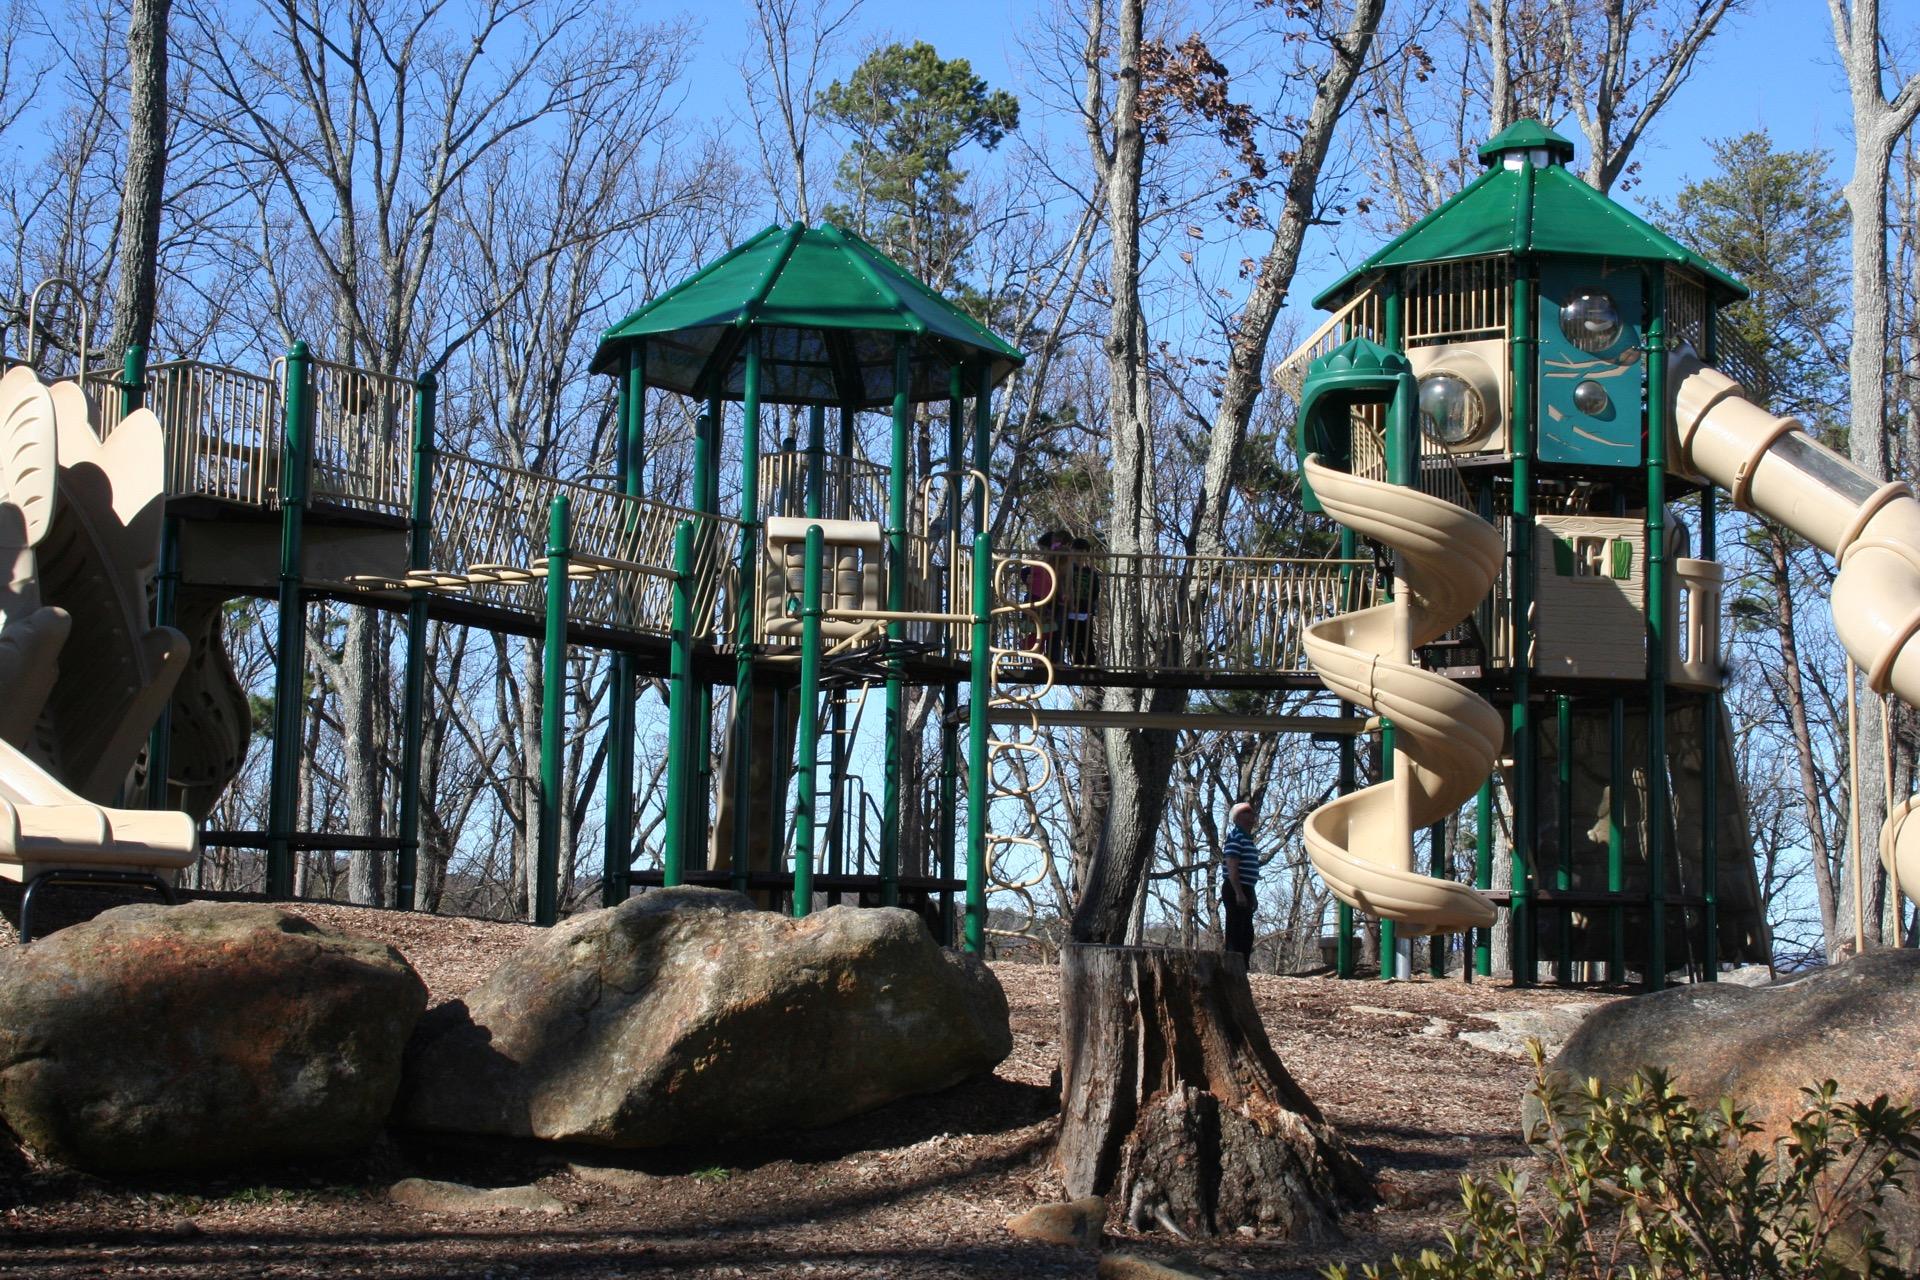 herdklotz park playground